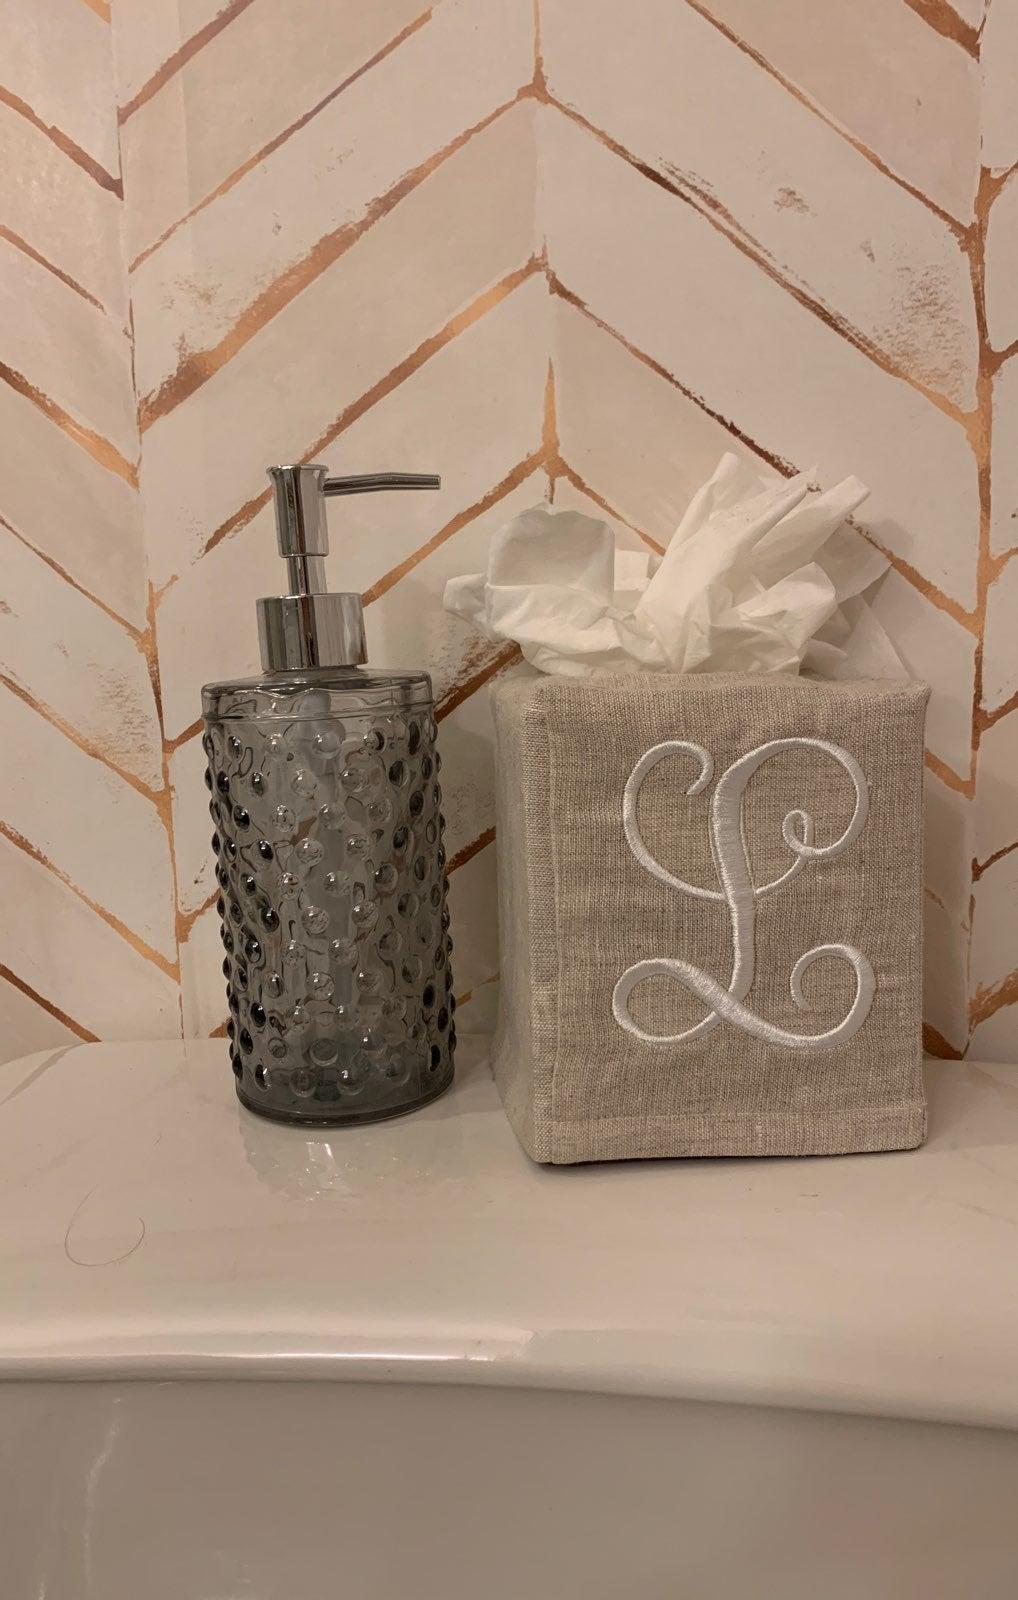 NWOT Target glass Soap Dispenser